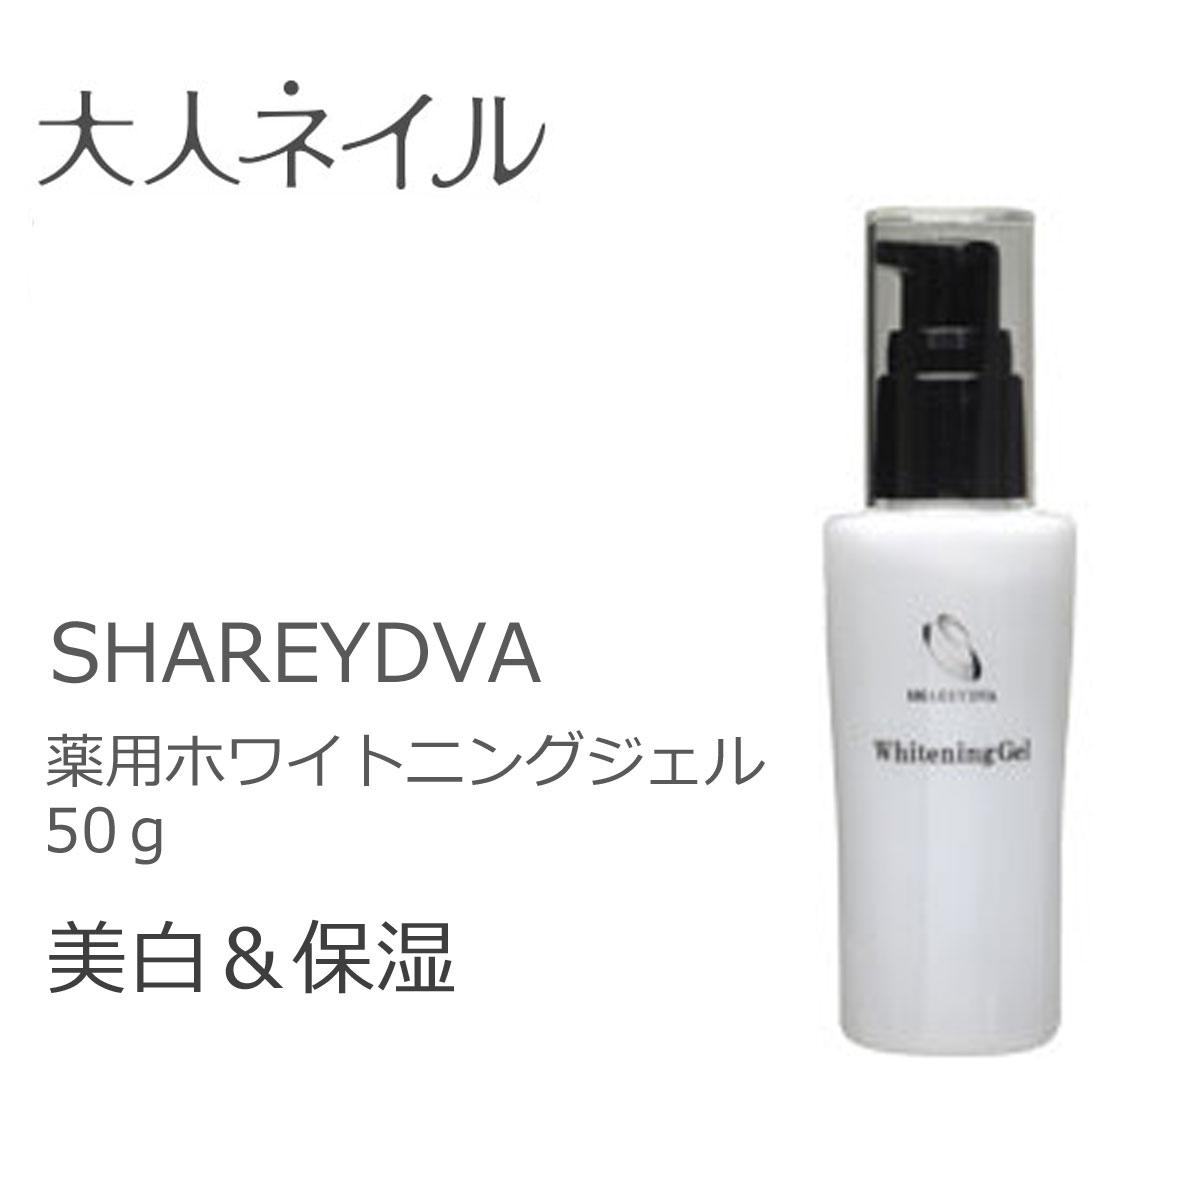 美白、保湿に~SHAREYDVA 薬用ホワイトニングジェル 50g